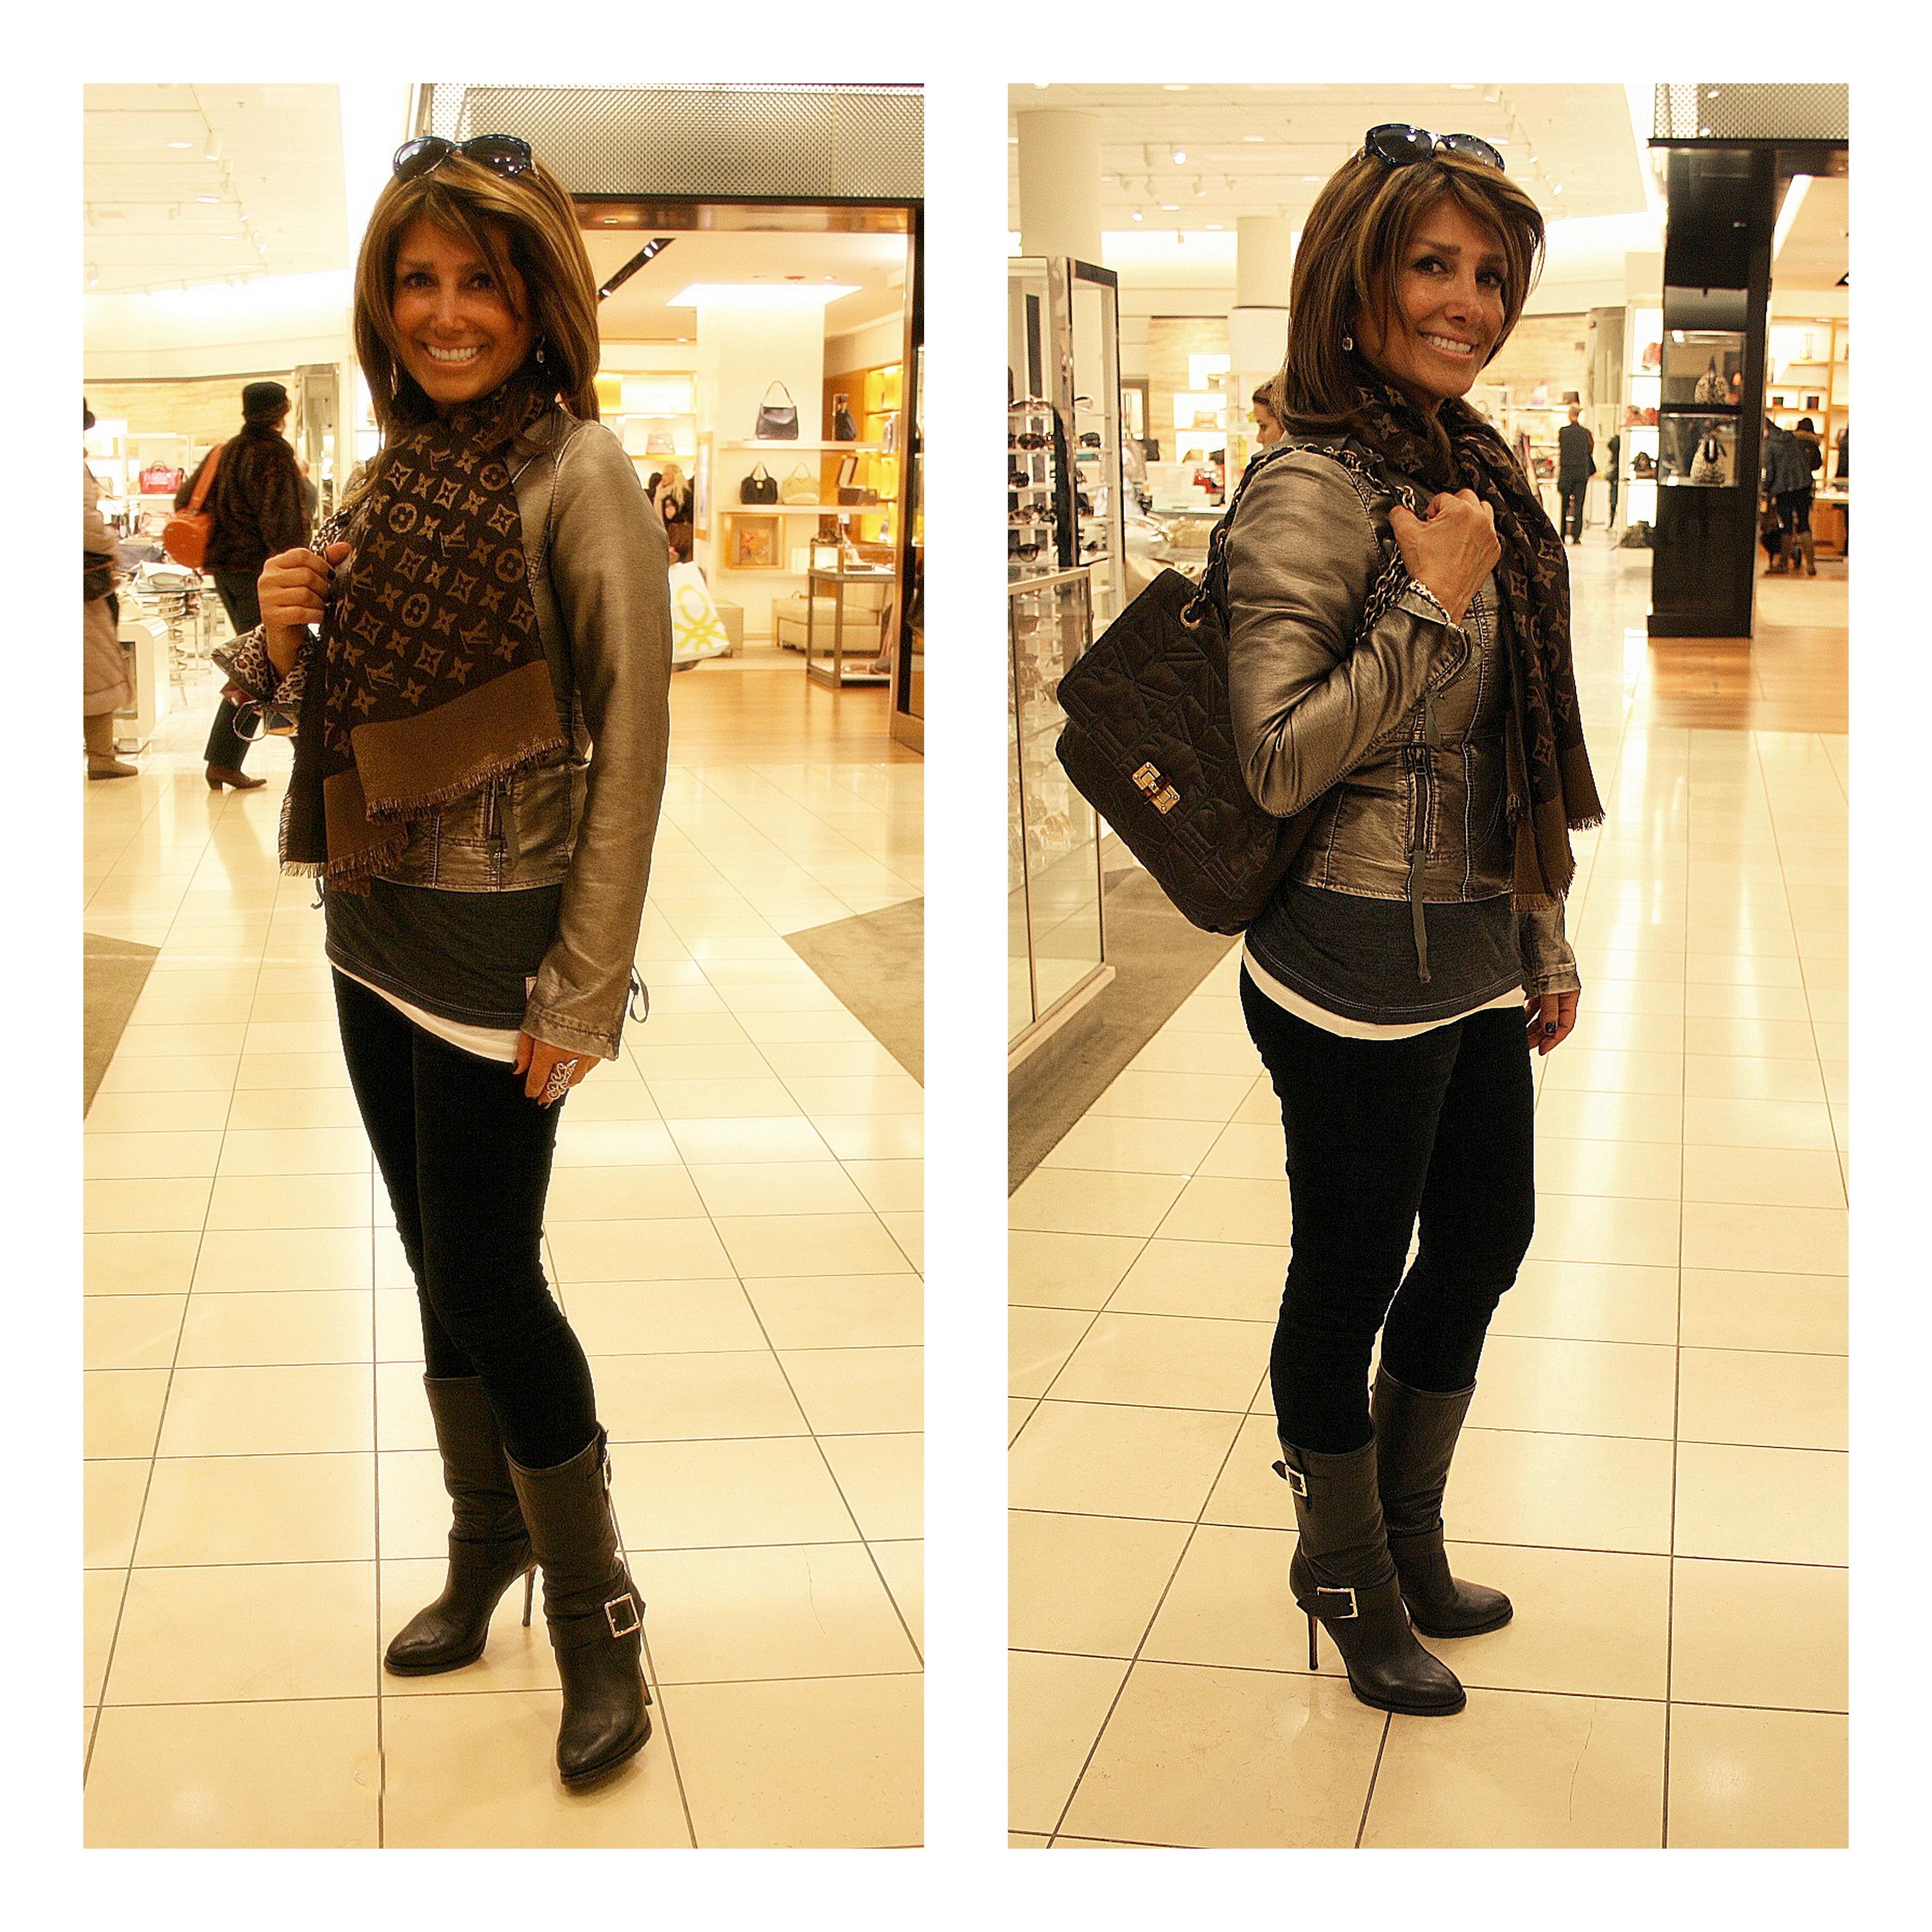 Ms. Mahnaz wears Lanvin, LV & Jimmy Choo